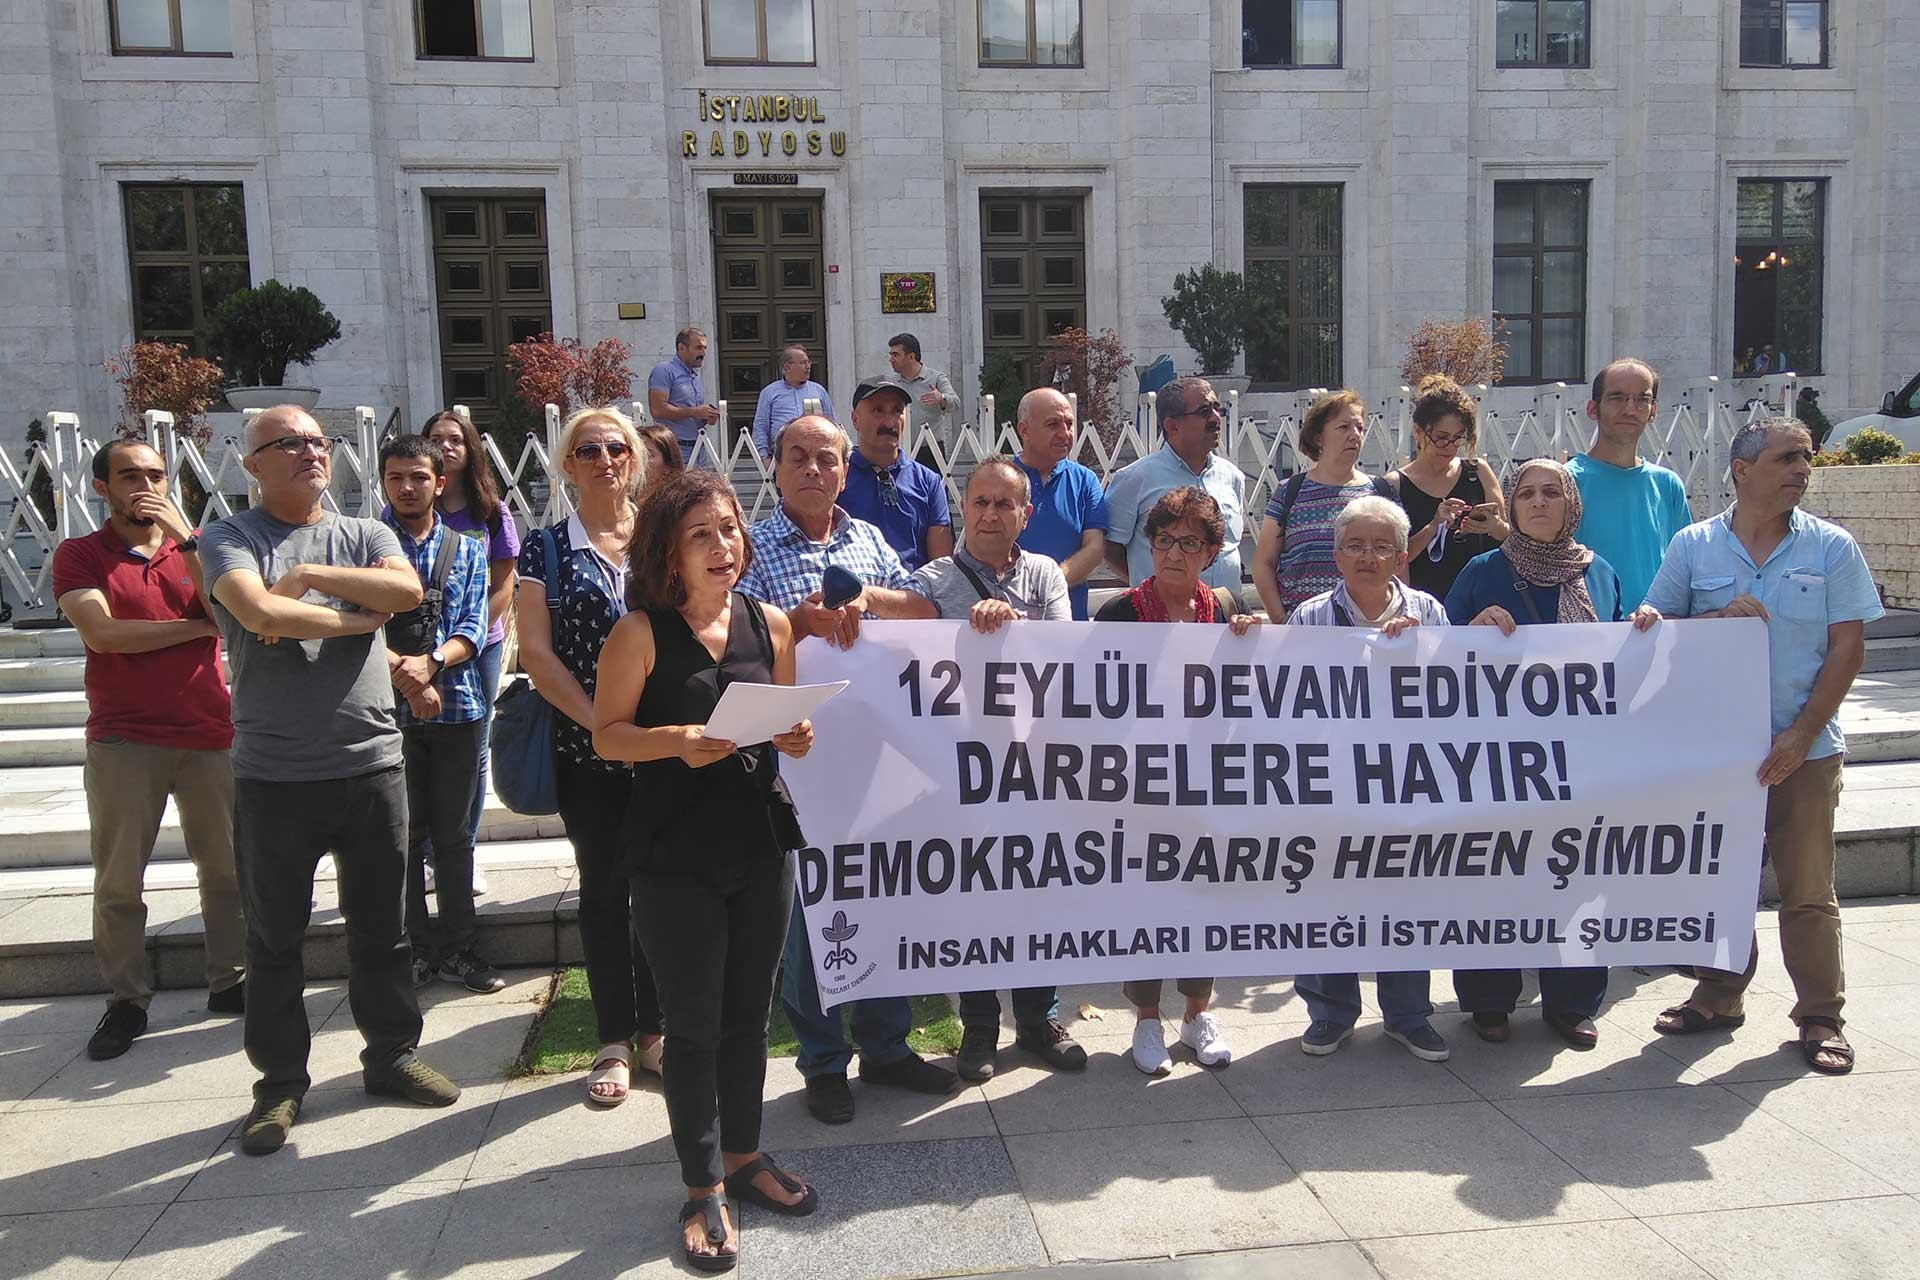 insan Hakları Derneği, TRT İstanbul Radyosu önünde eylem yaptı.